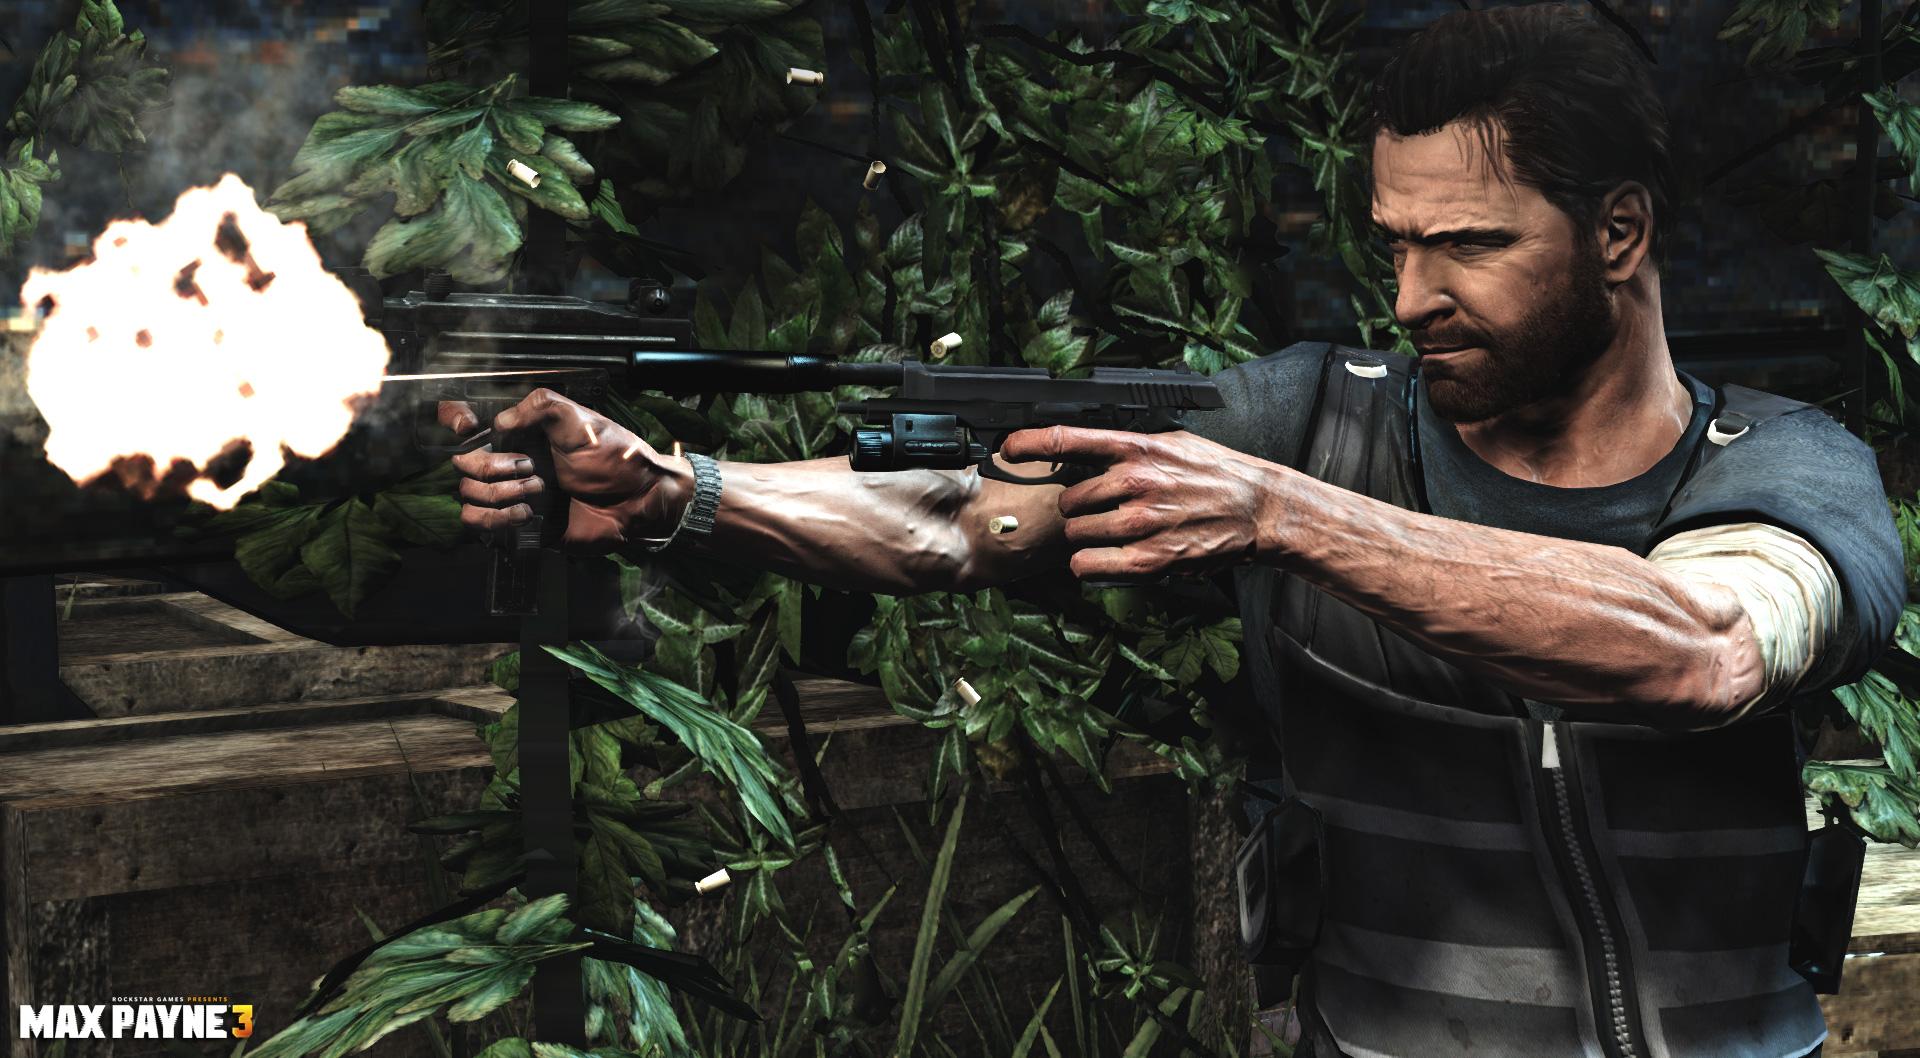 Max-Payne-3-PC